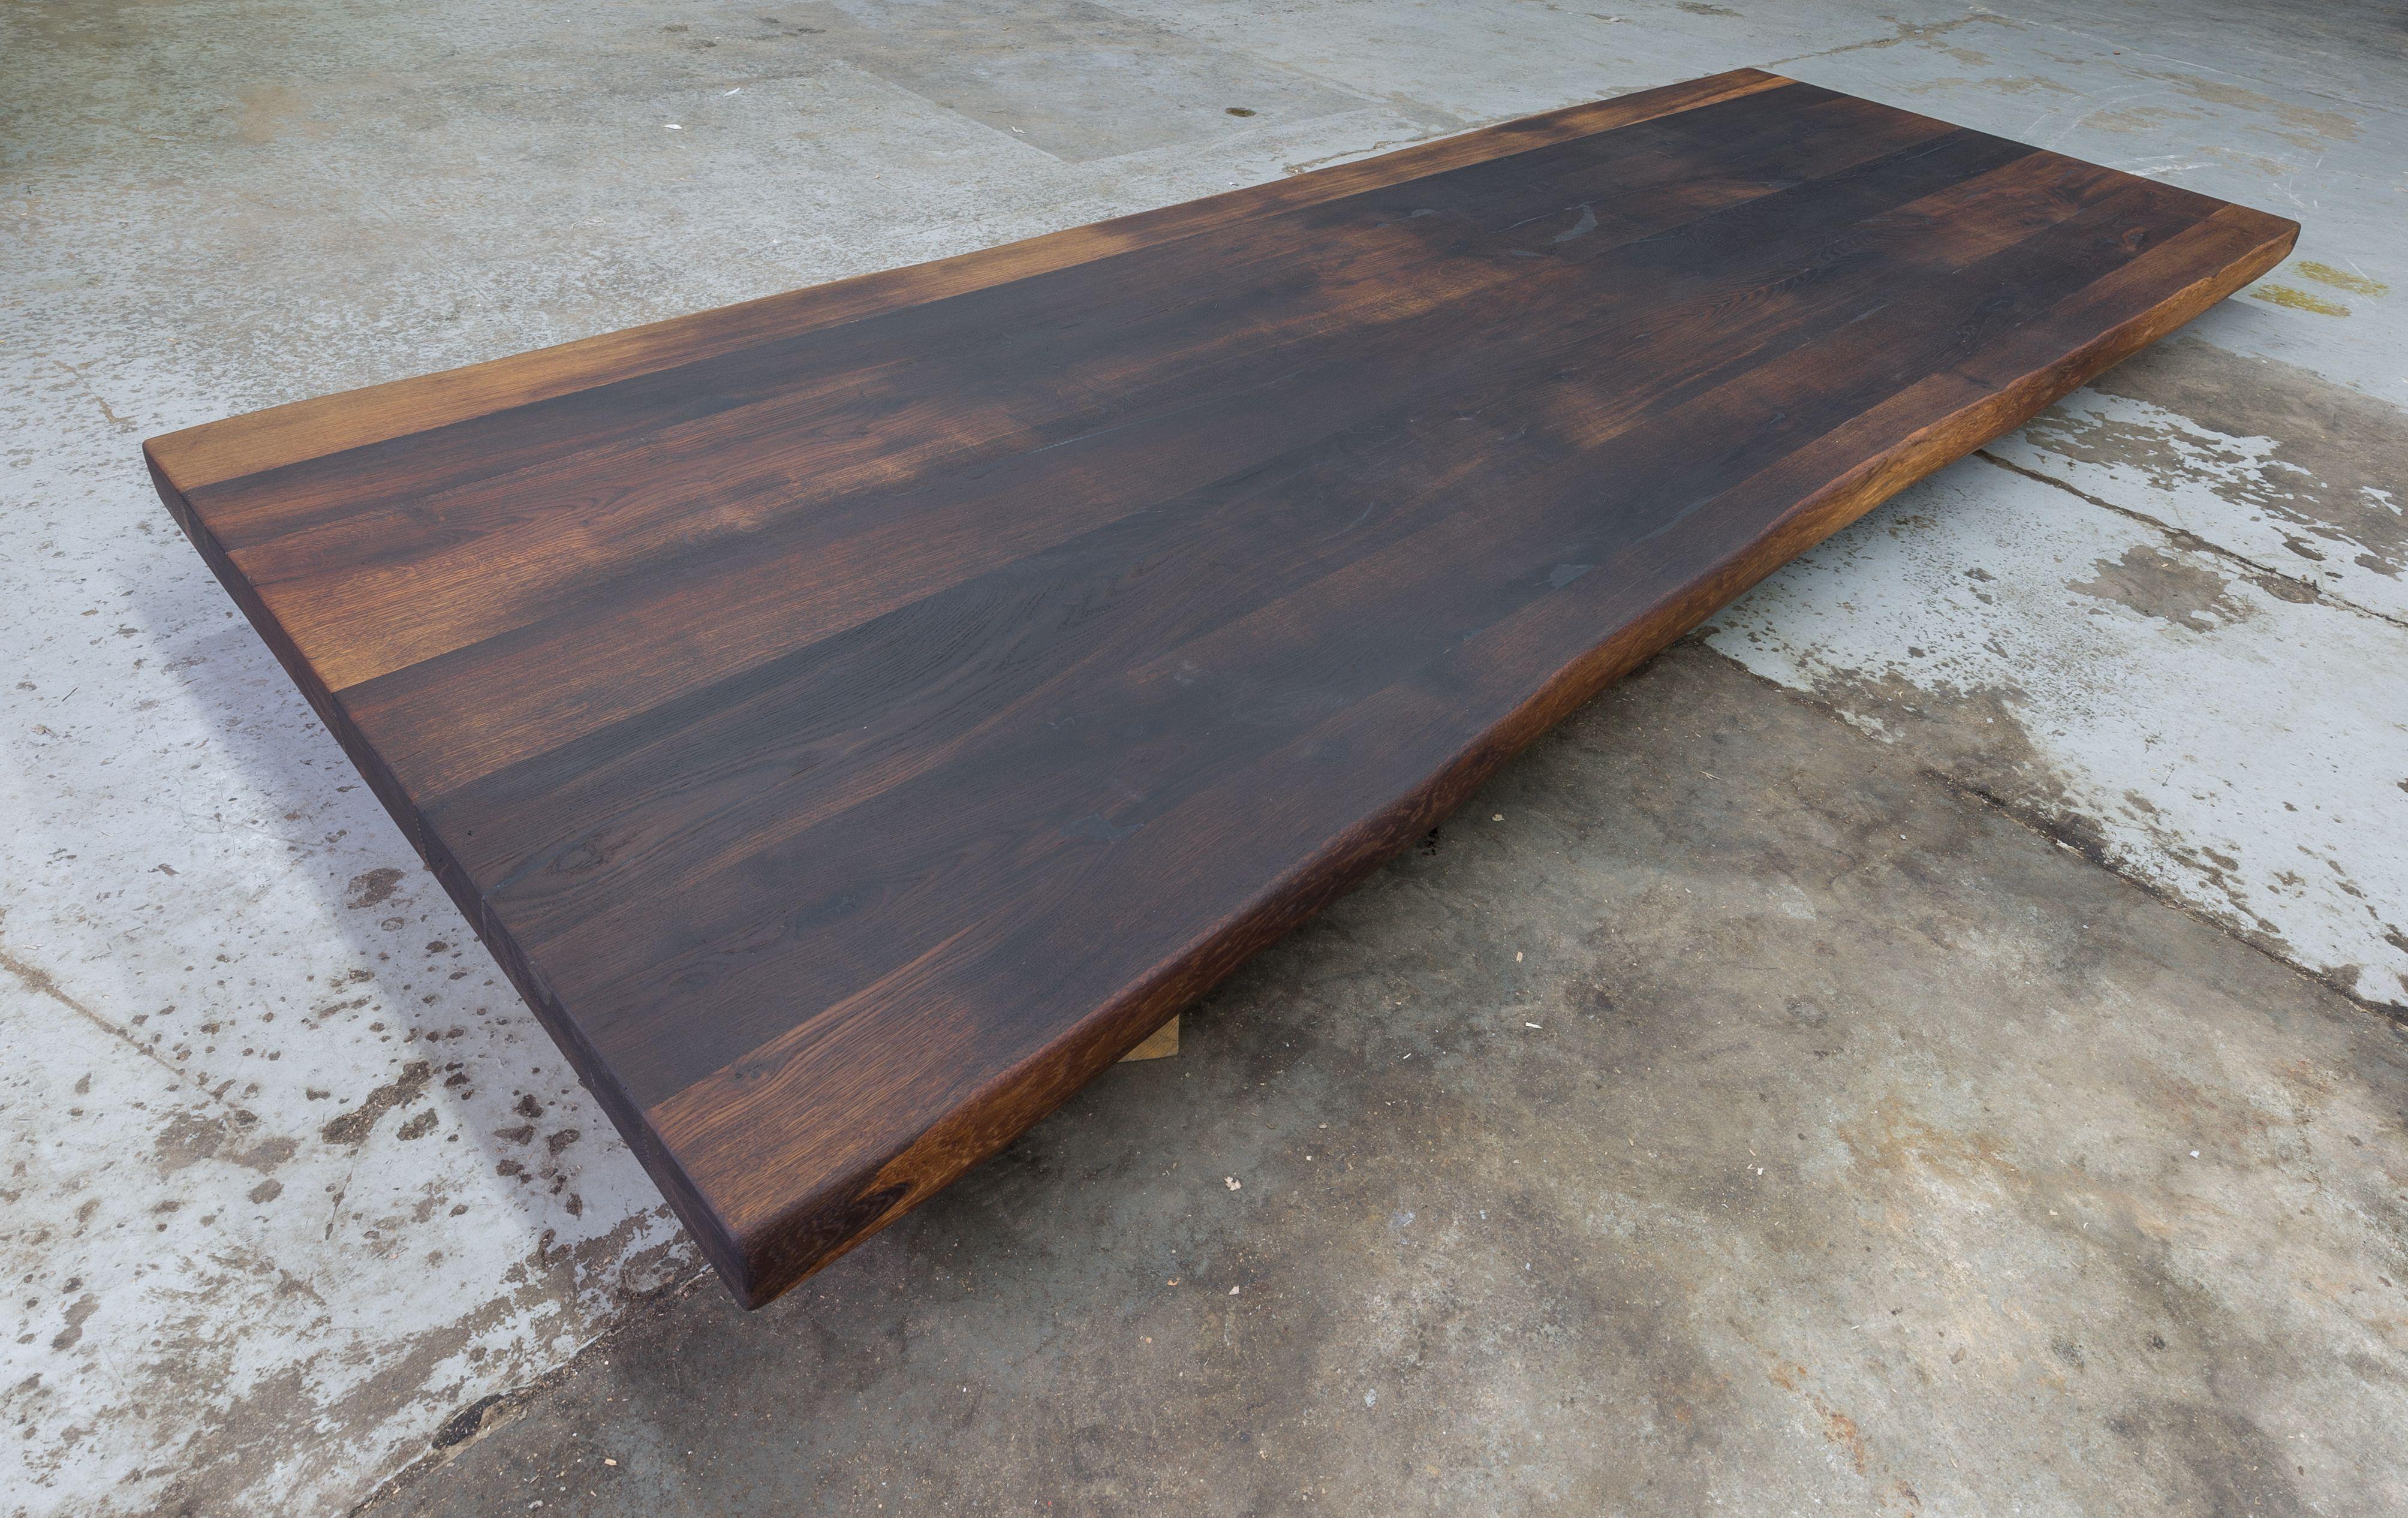 Tischplatte Esstisch Mooreiche Altholz Eiche Massiv Geolt Mit Baumkante 260x100x6 Cm Unikat Eiche Massiv Altholz Eiche Eiche